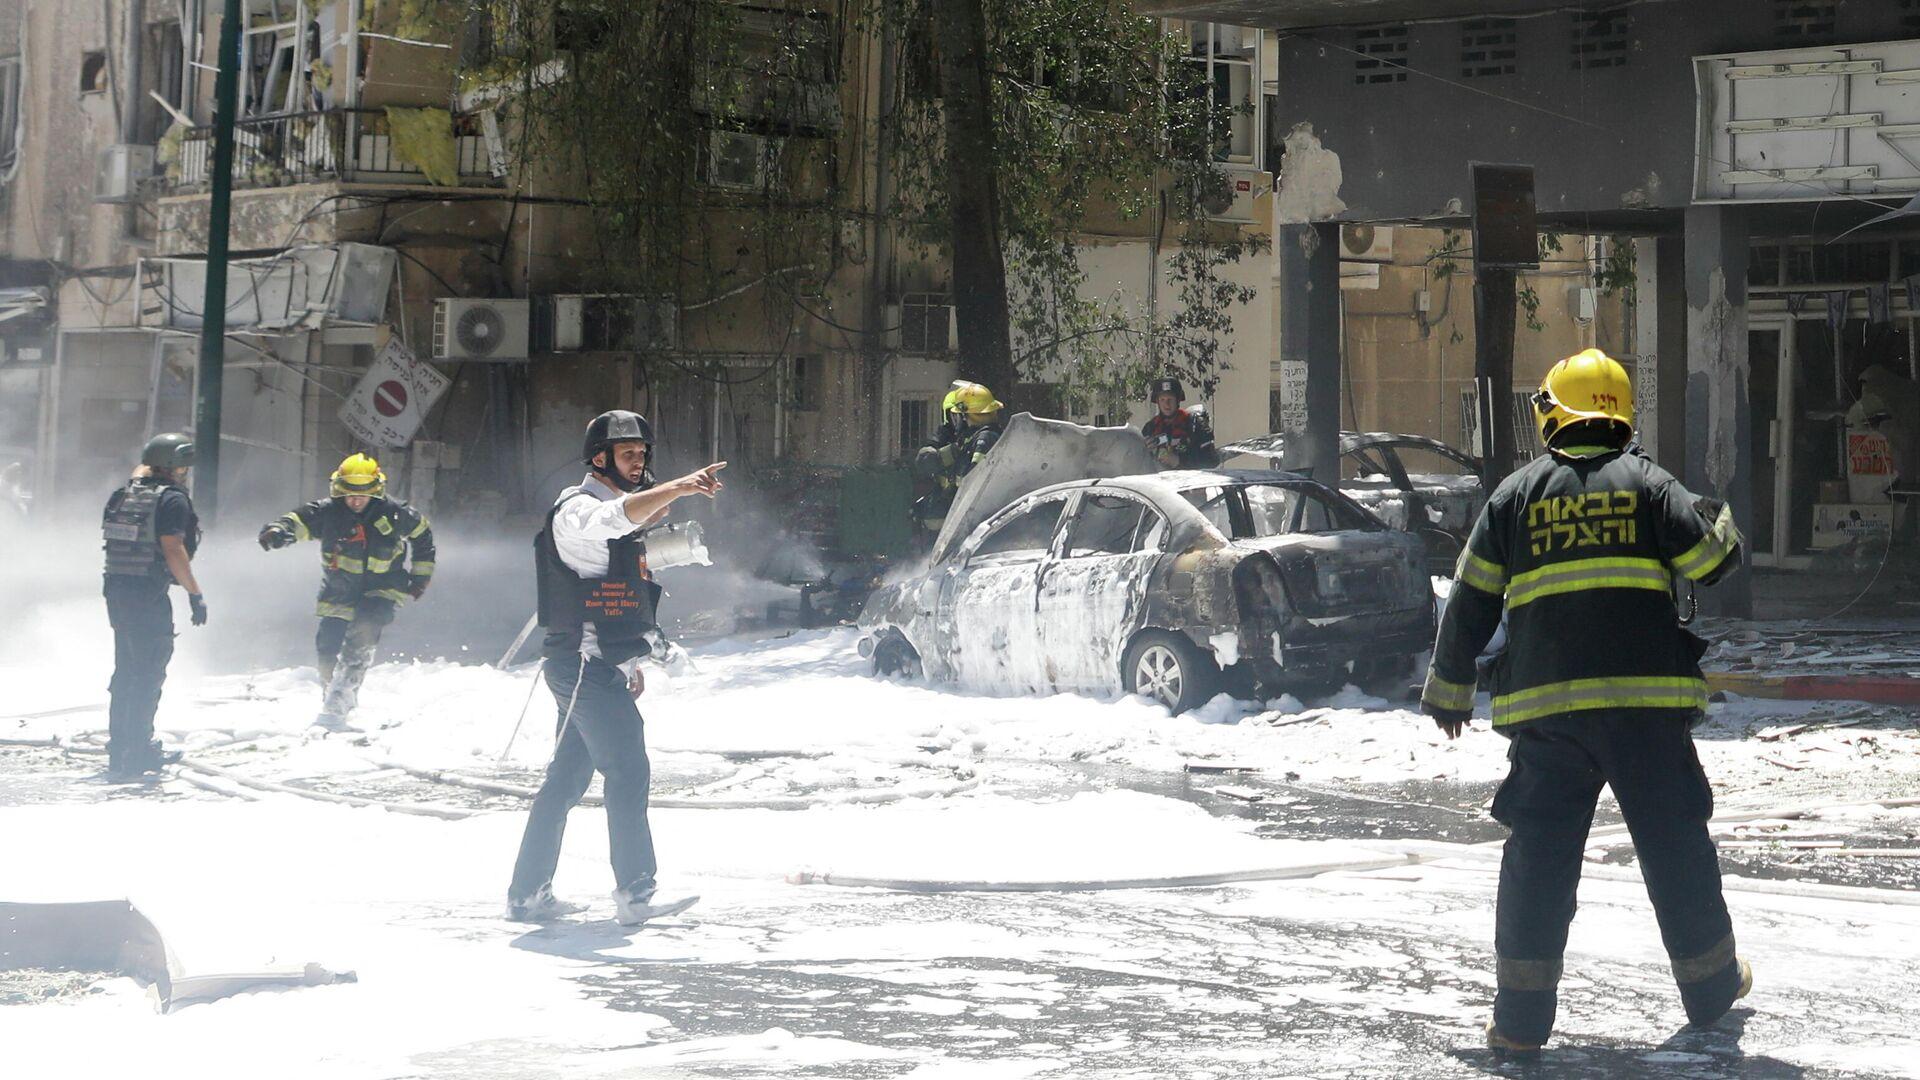 Пожарные ликвидируют последствия падения ракеты, выпущенной из Газы в пригороде Тель-Авива, Израиль - РИА Новости, 1920, 15.05.2021